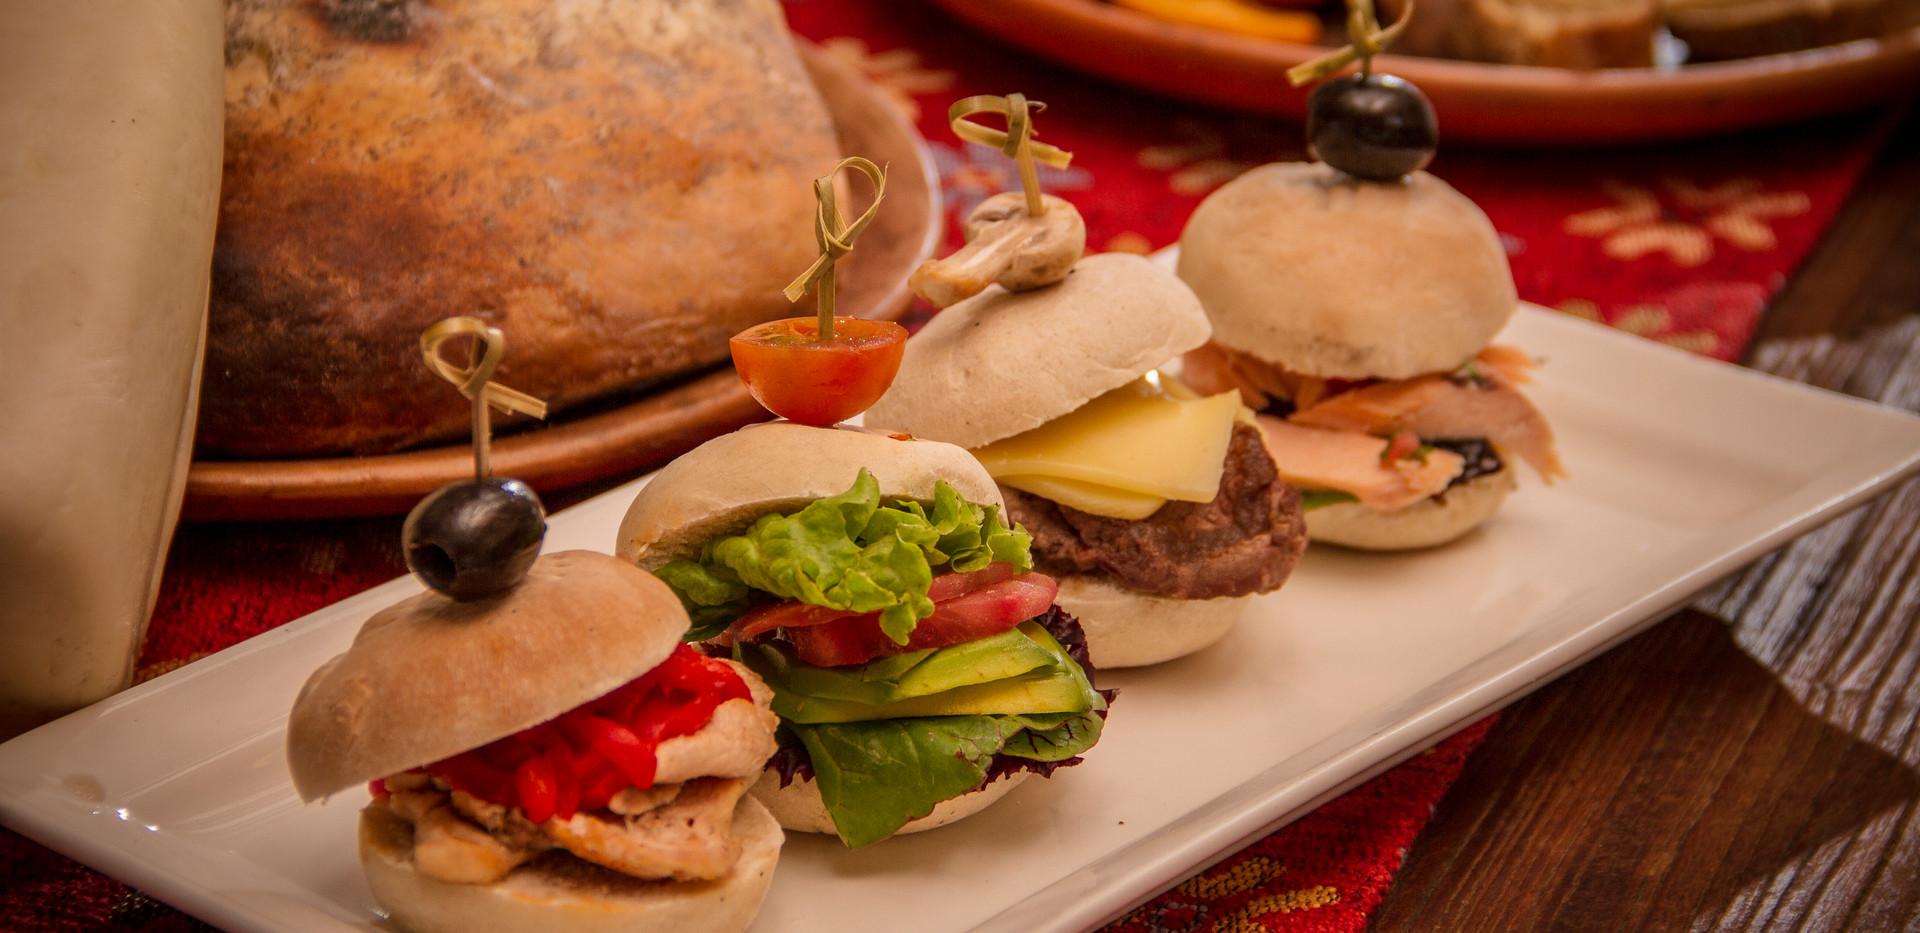 Sandwich 4JPG.JPG